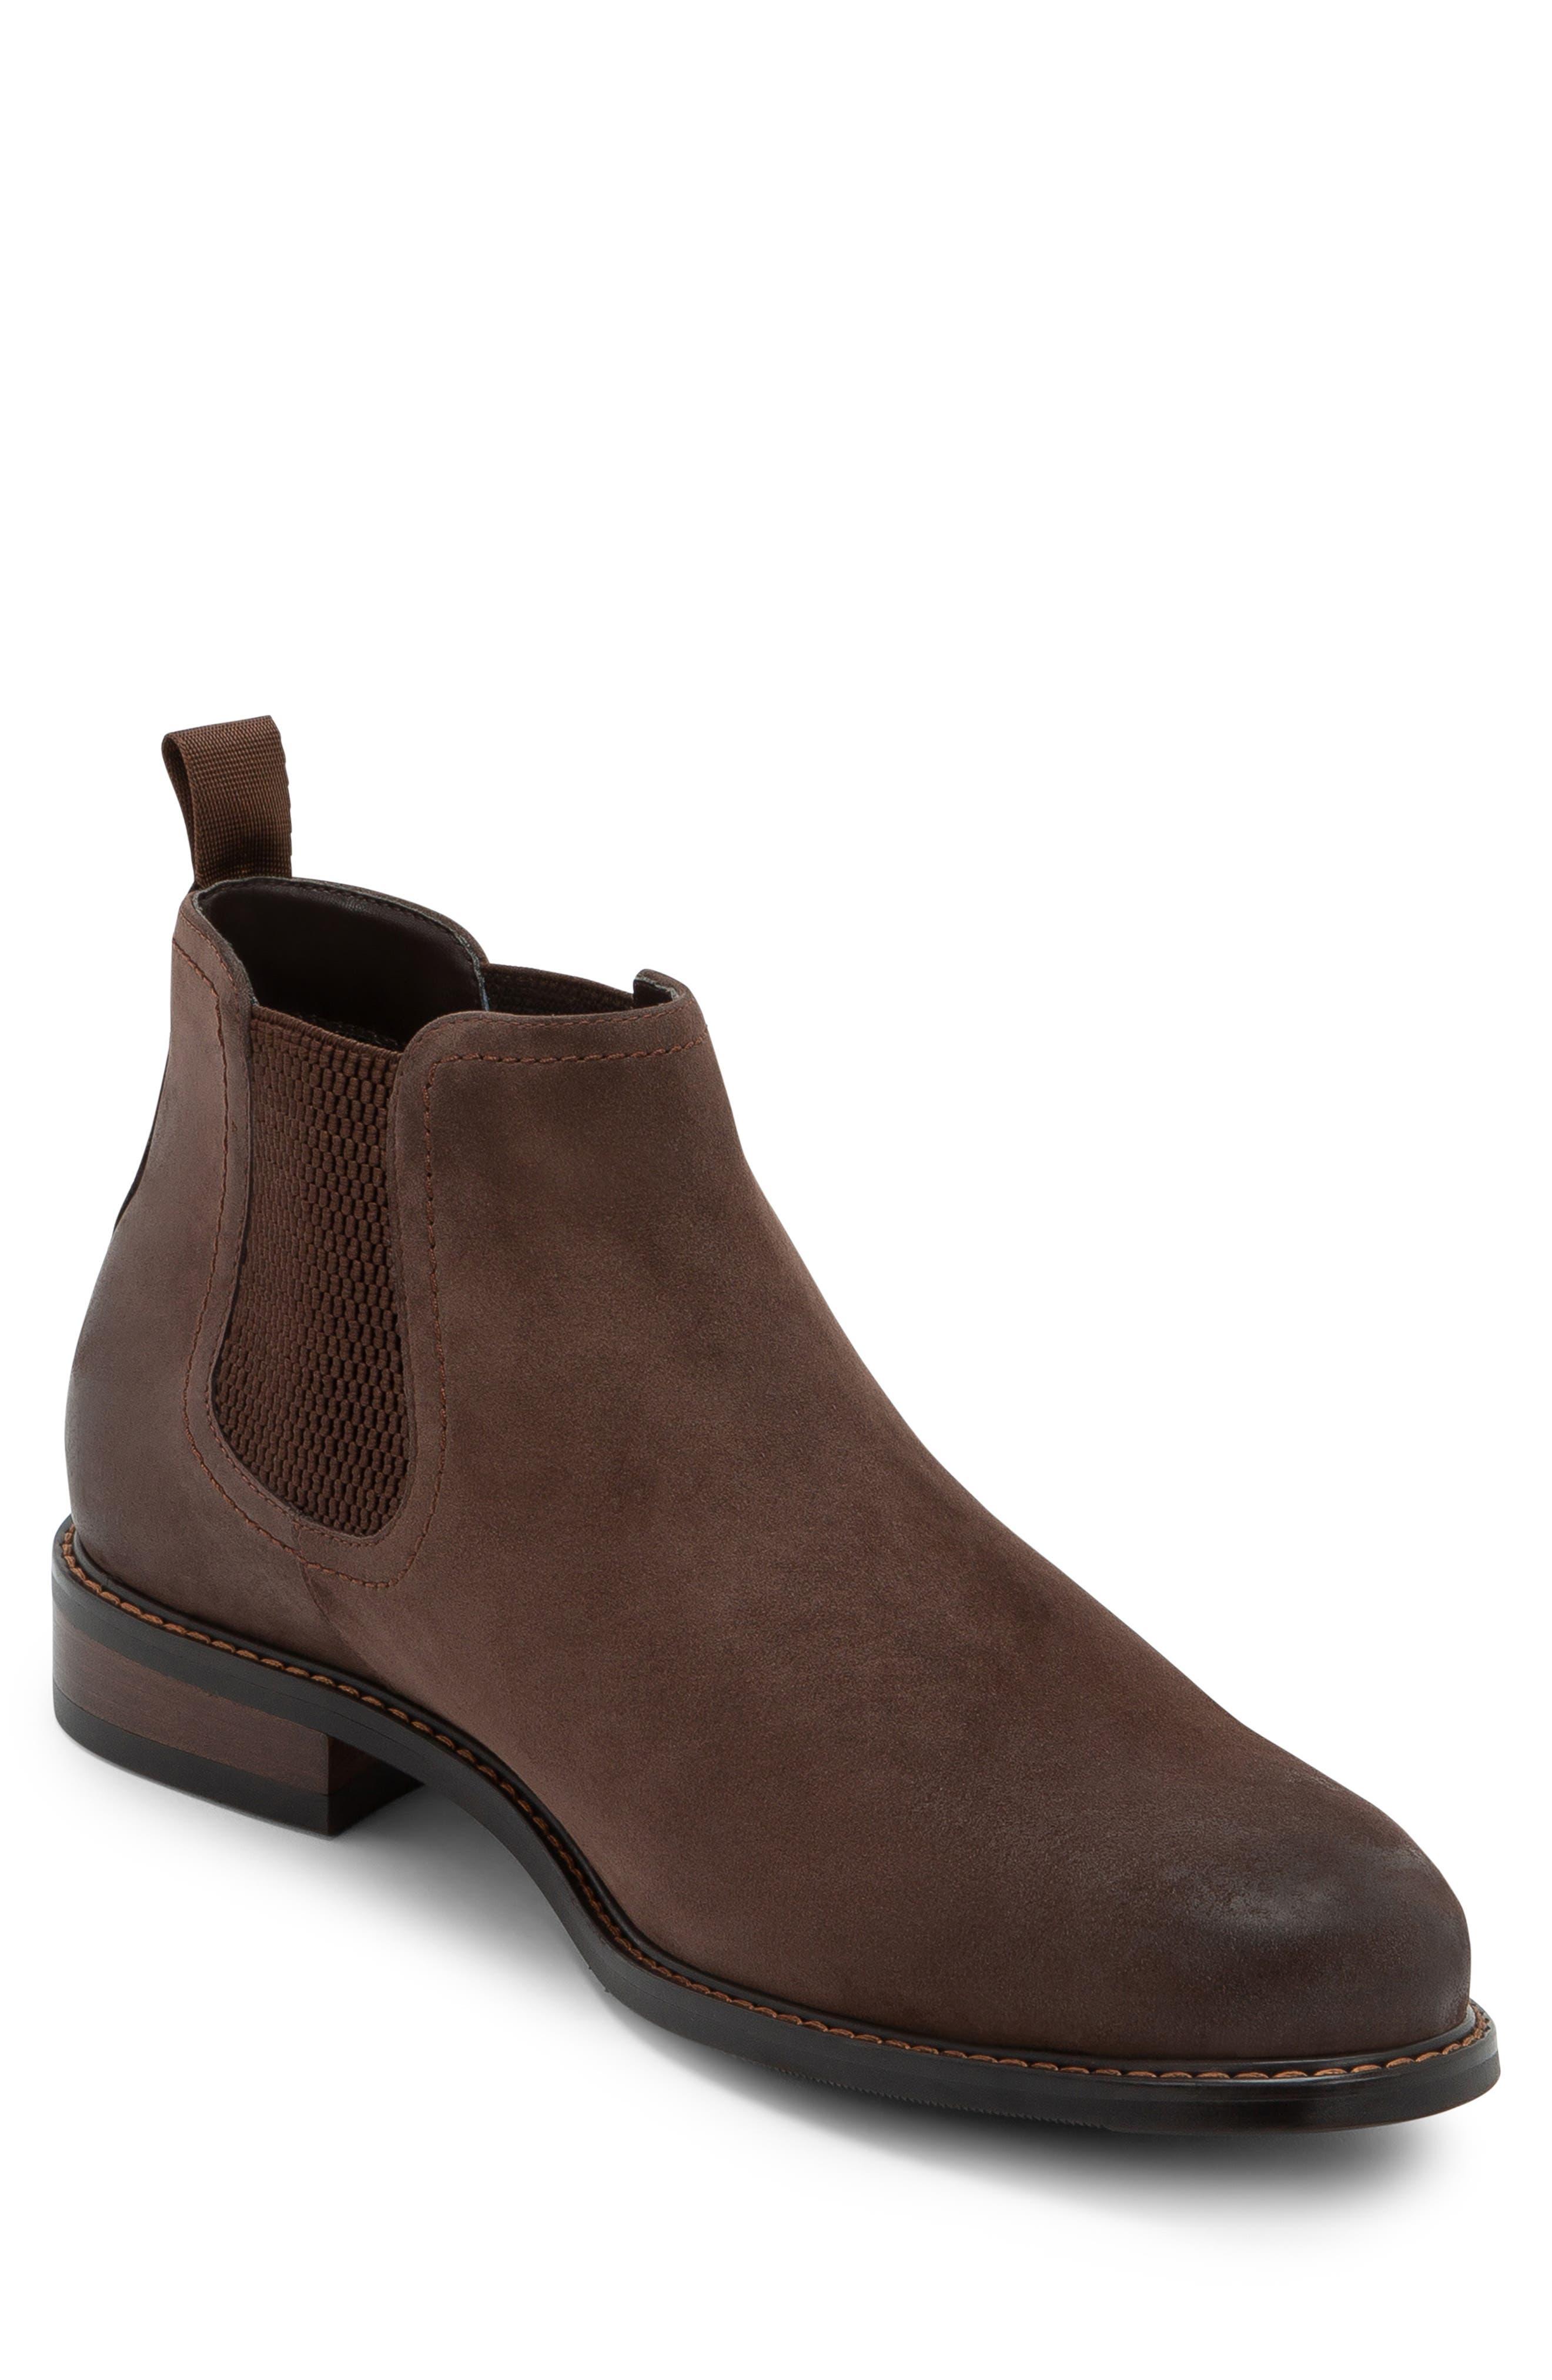 Kai Waterproof Chelsea Boot